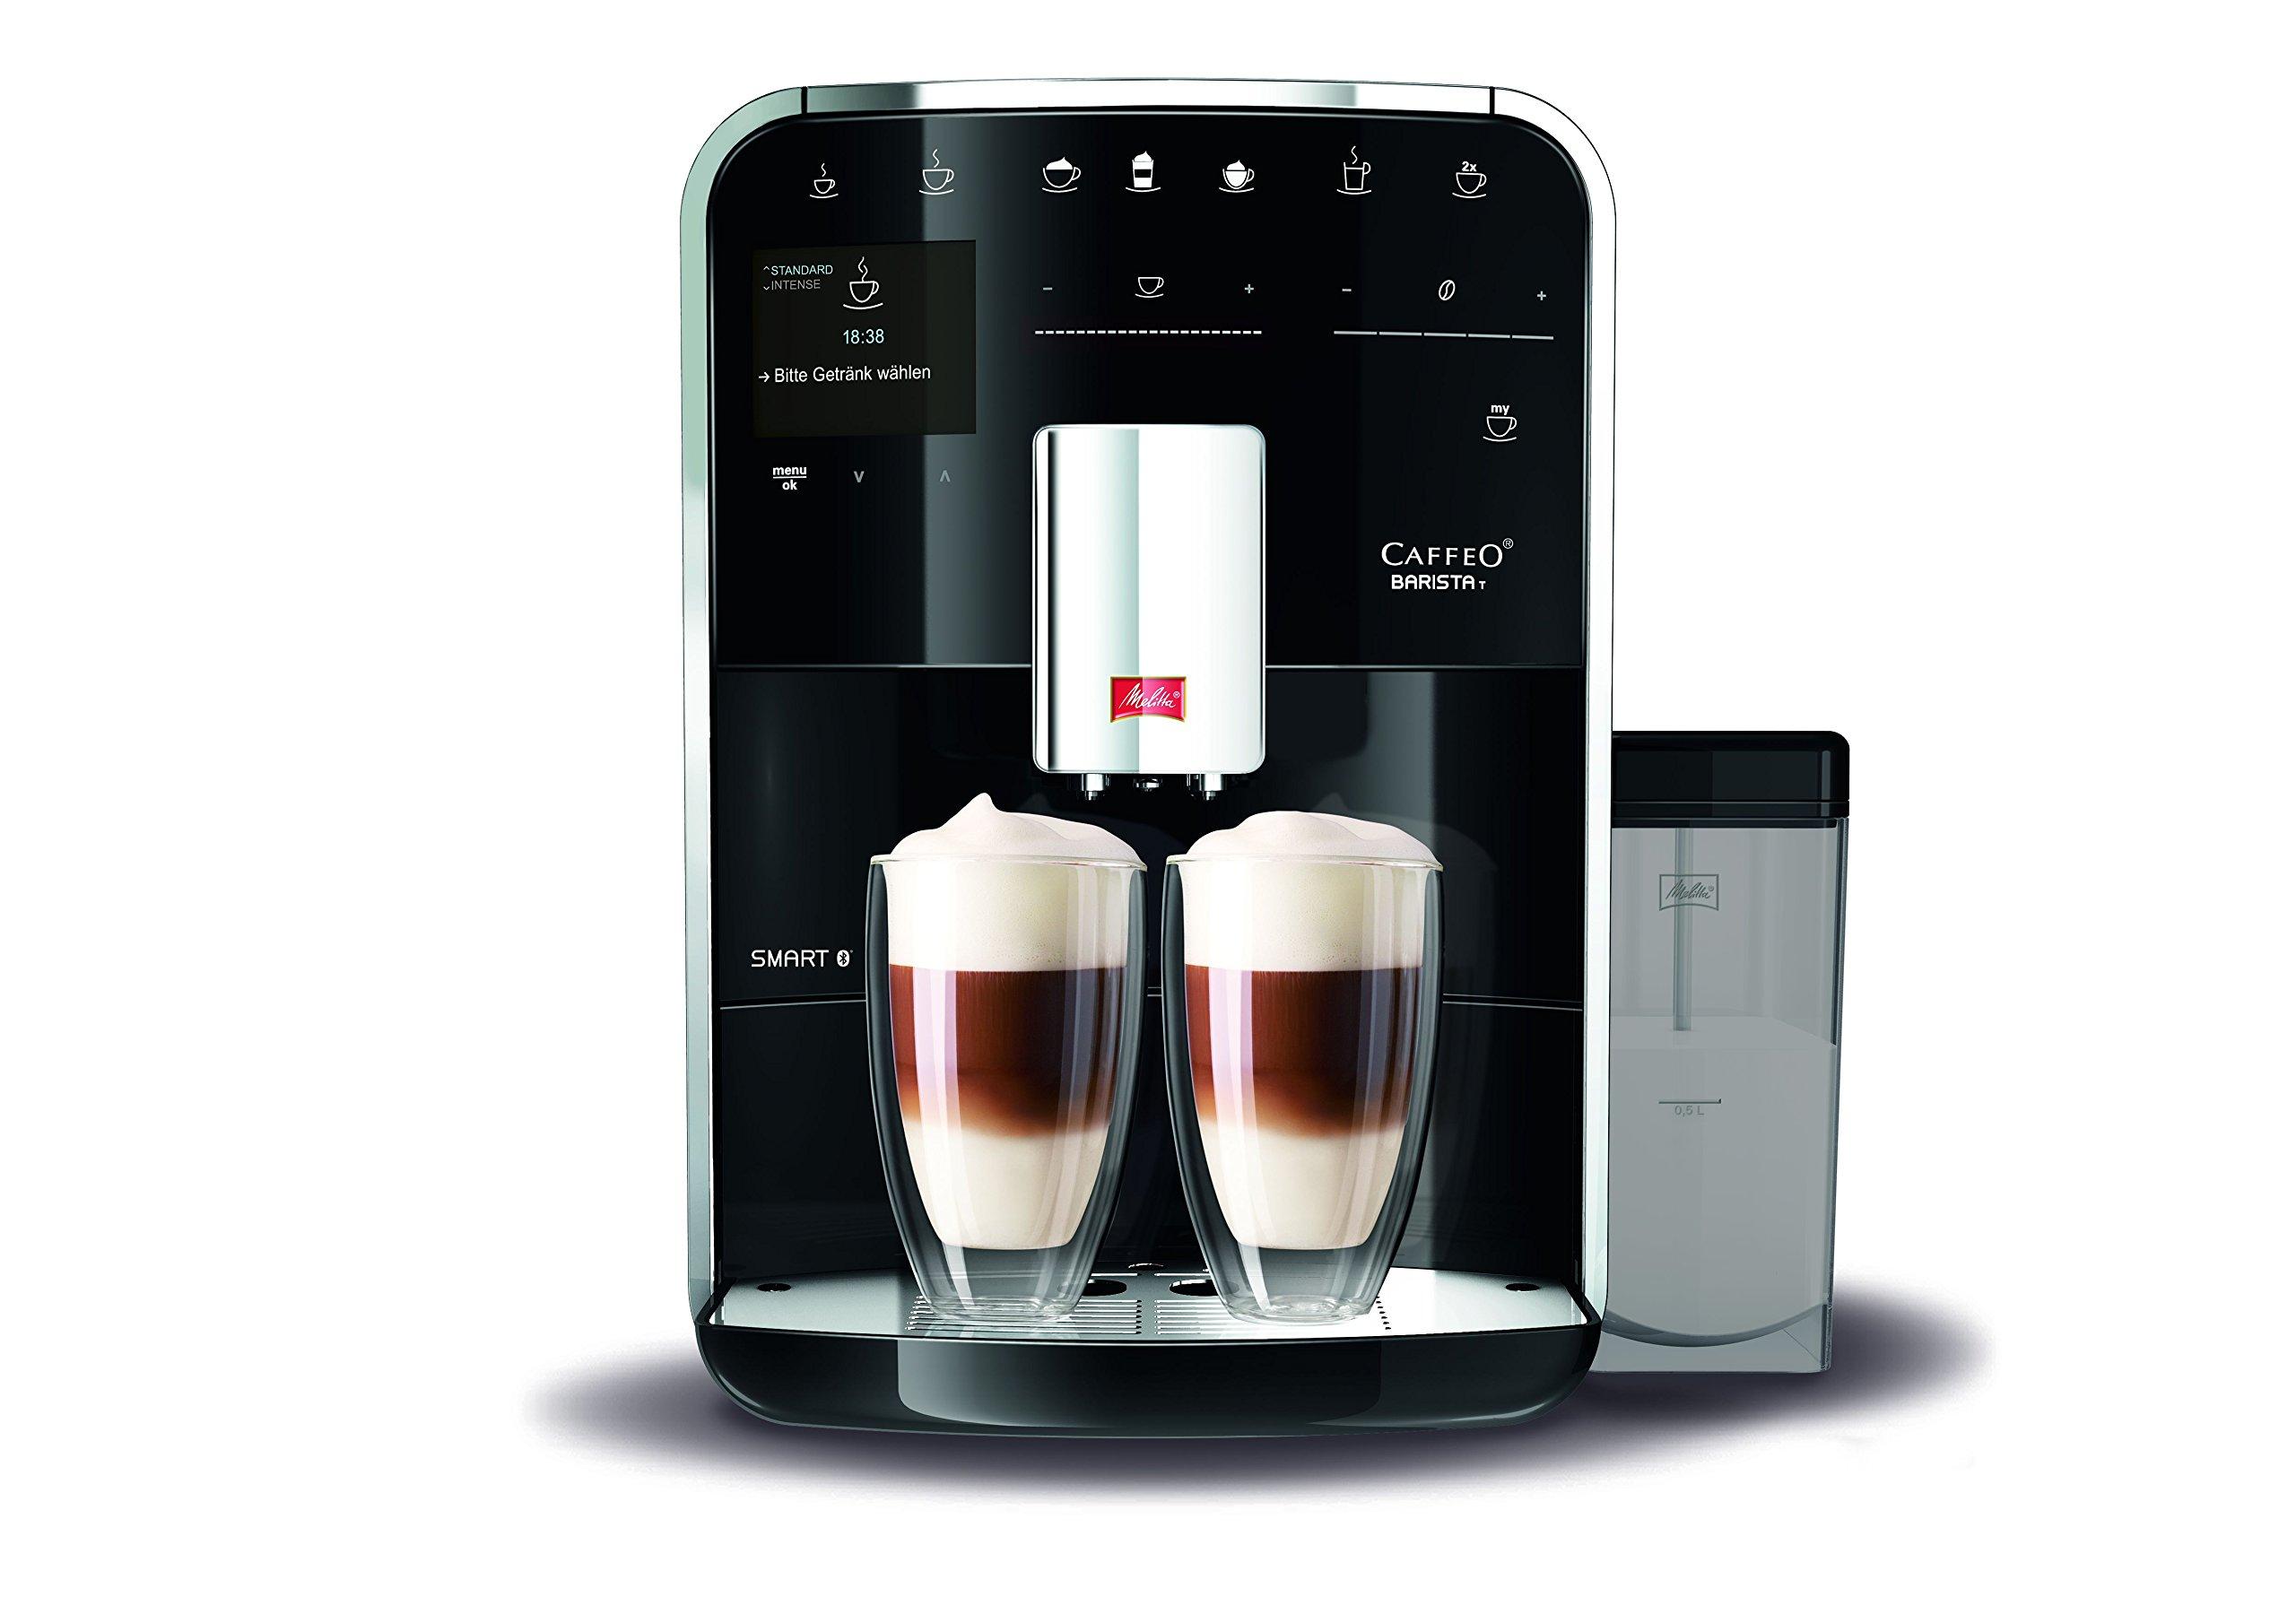 Melitta-Kaffeevollautomat-Caffeo-Barista-T-Smart-F830-101-CAFFEO-18-Liter